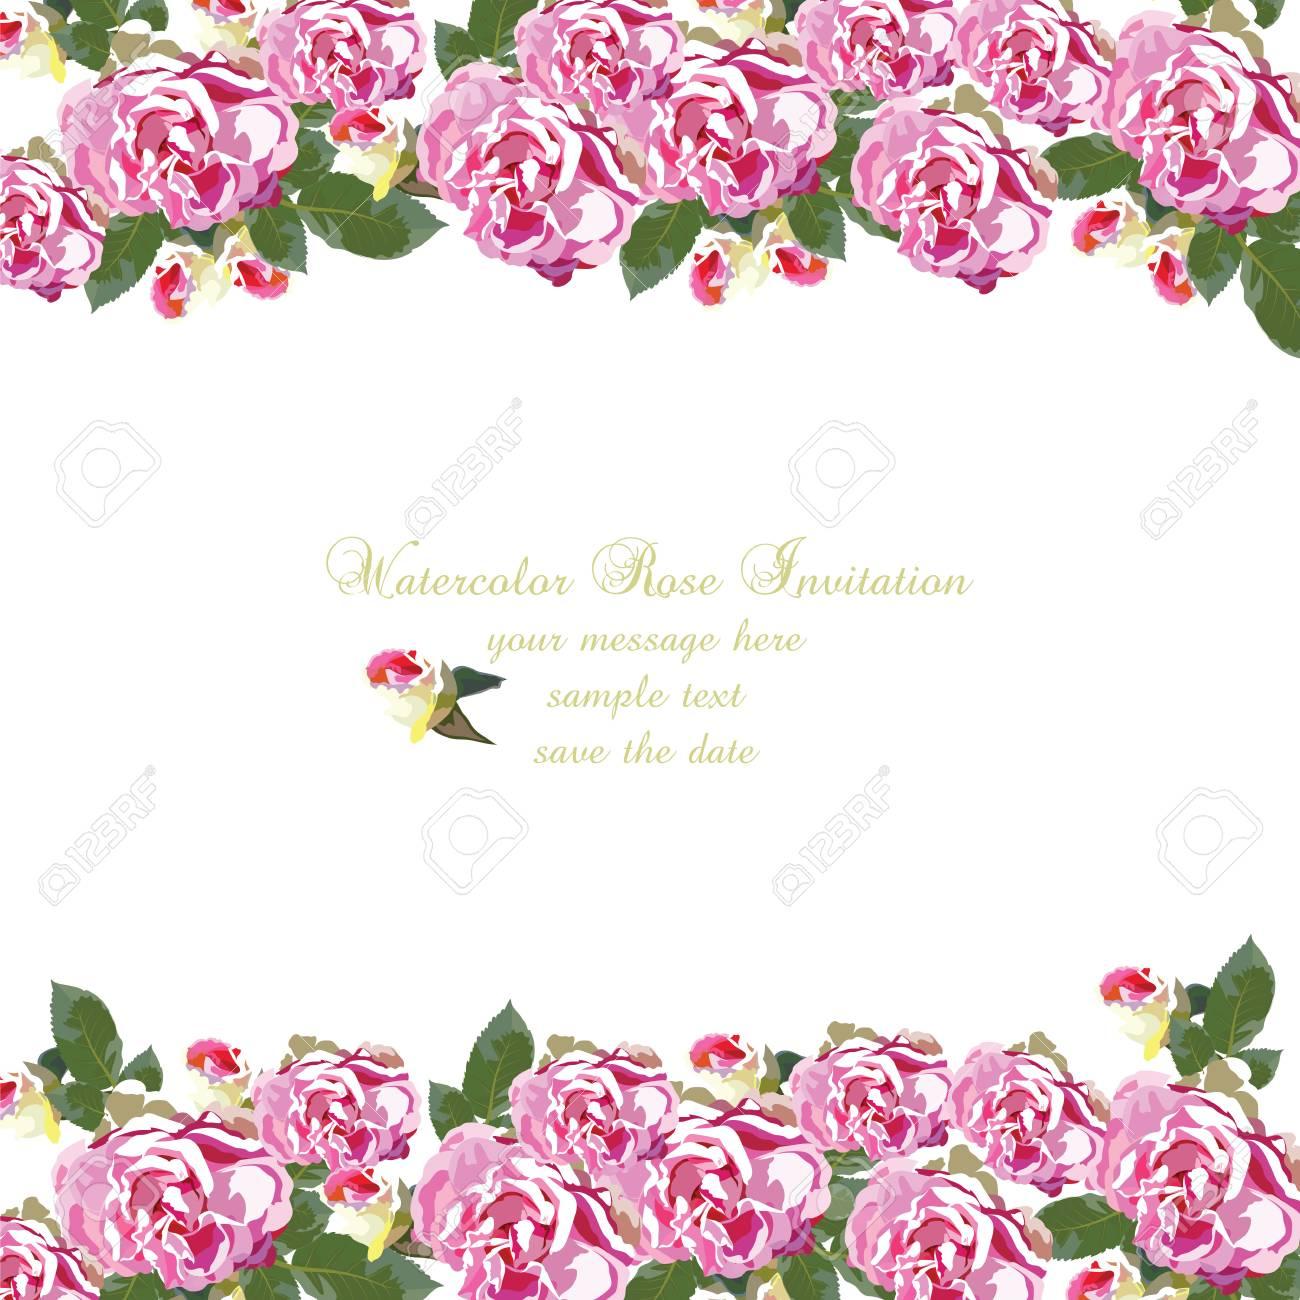 Tarjeta De Acuarela Geranio Flores Borde Floral Para Tarjetas De Felicitación De Fondo Invitaciones Bodas Cumpleaños Día De San Valentín Día De